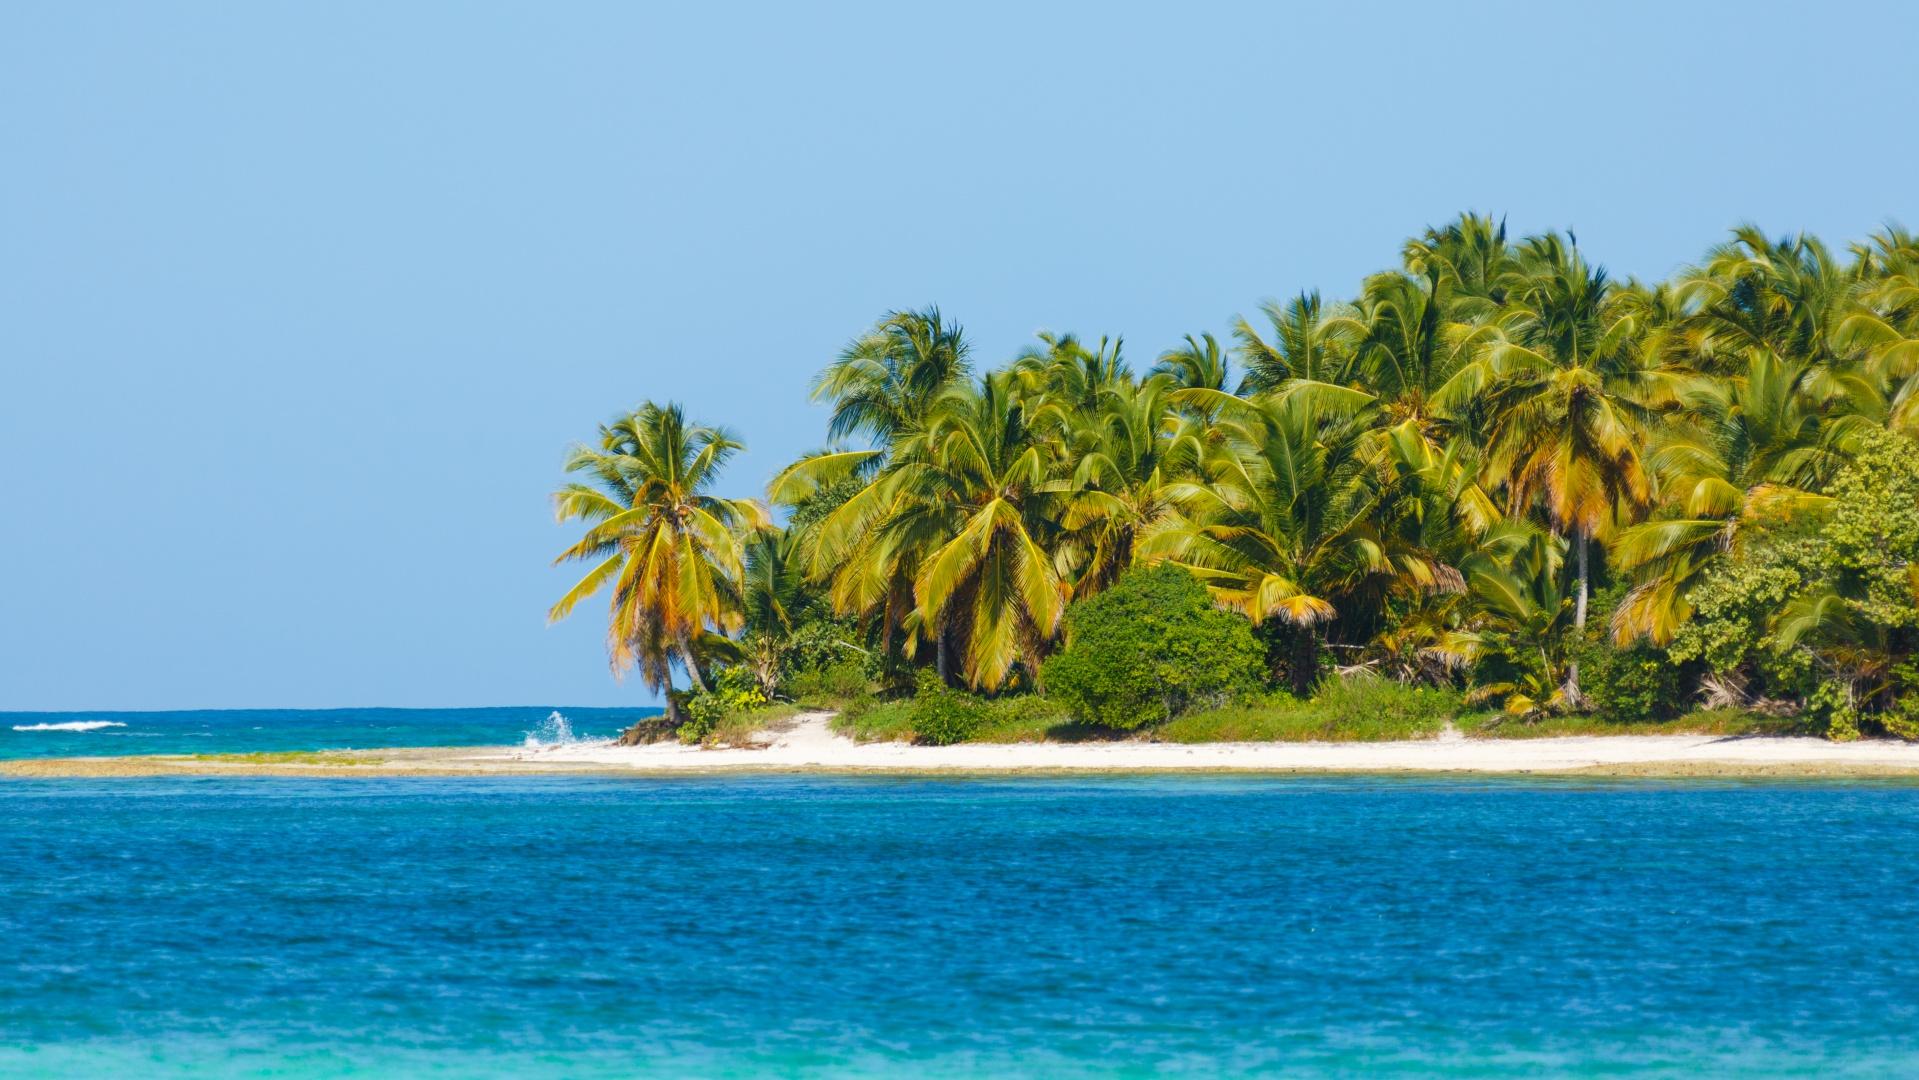 Island for cryptocoins